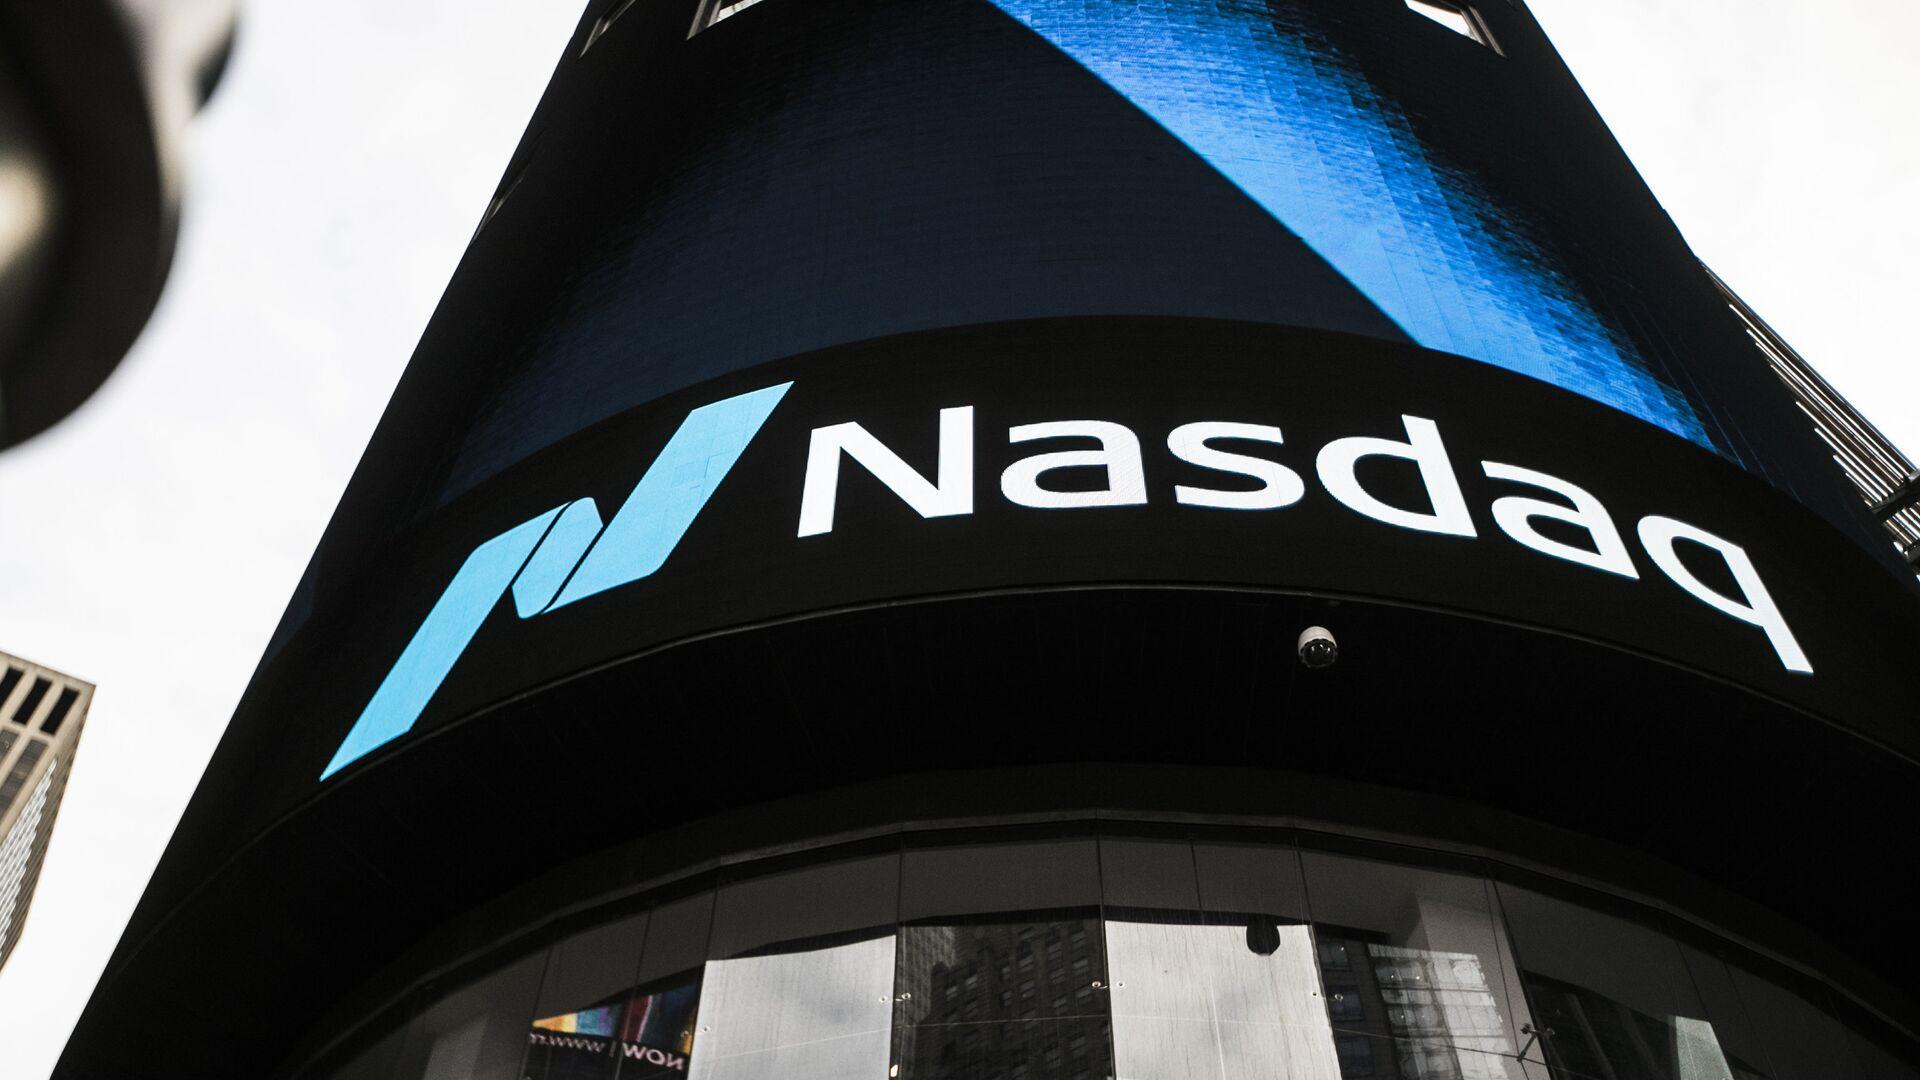 Информационная панель биржи NASDAQ на первых этажах небоскрёба Конде-Наст-билдинг на Таймс-сквер в Нью-Йорке - РИА Новости, 1920, 12.01.2021